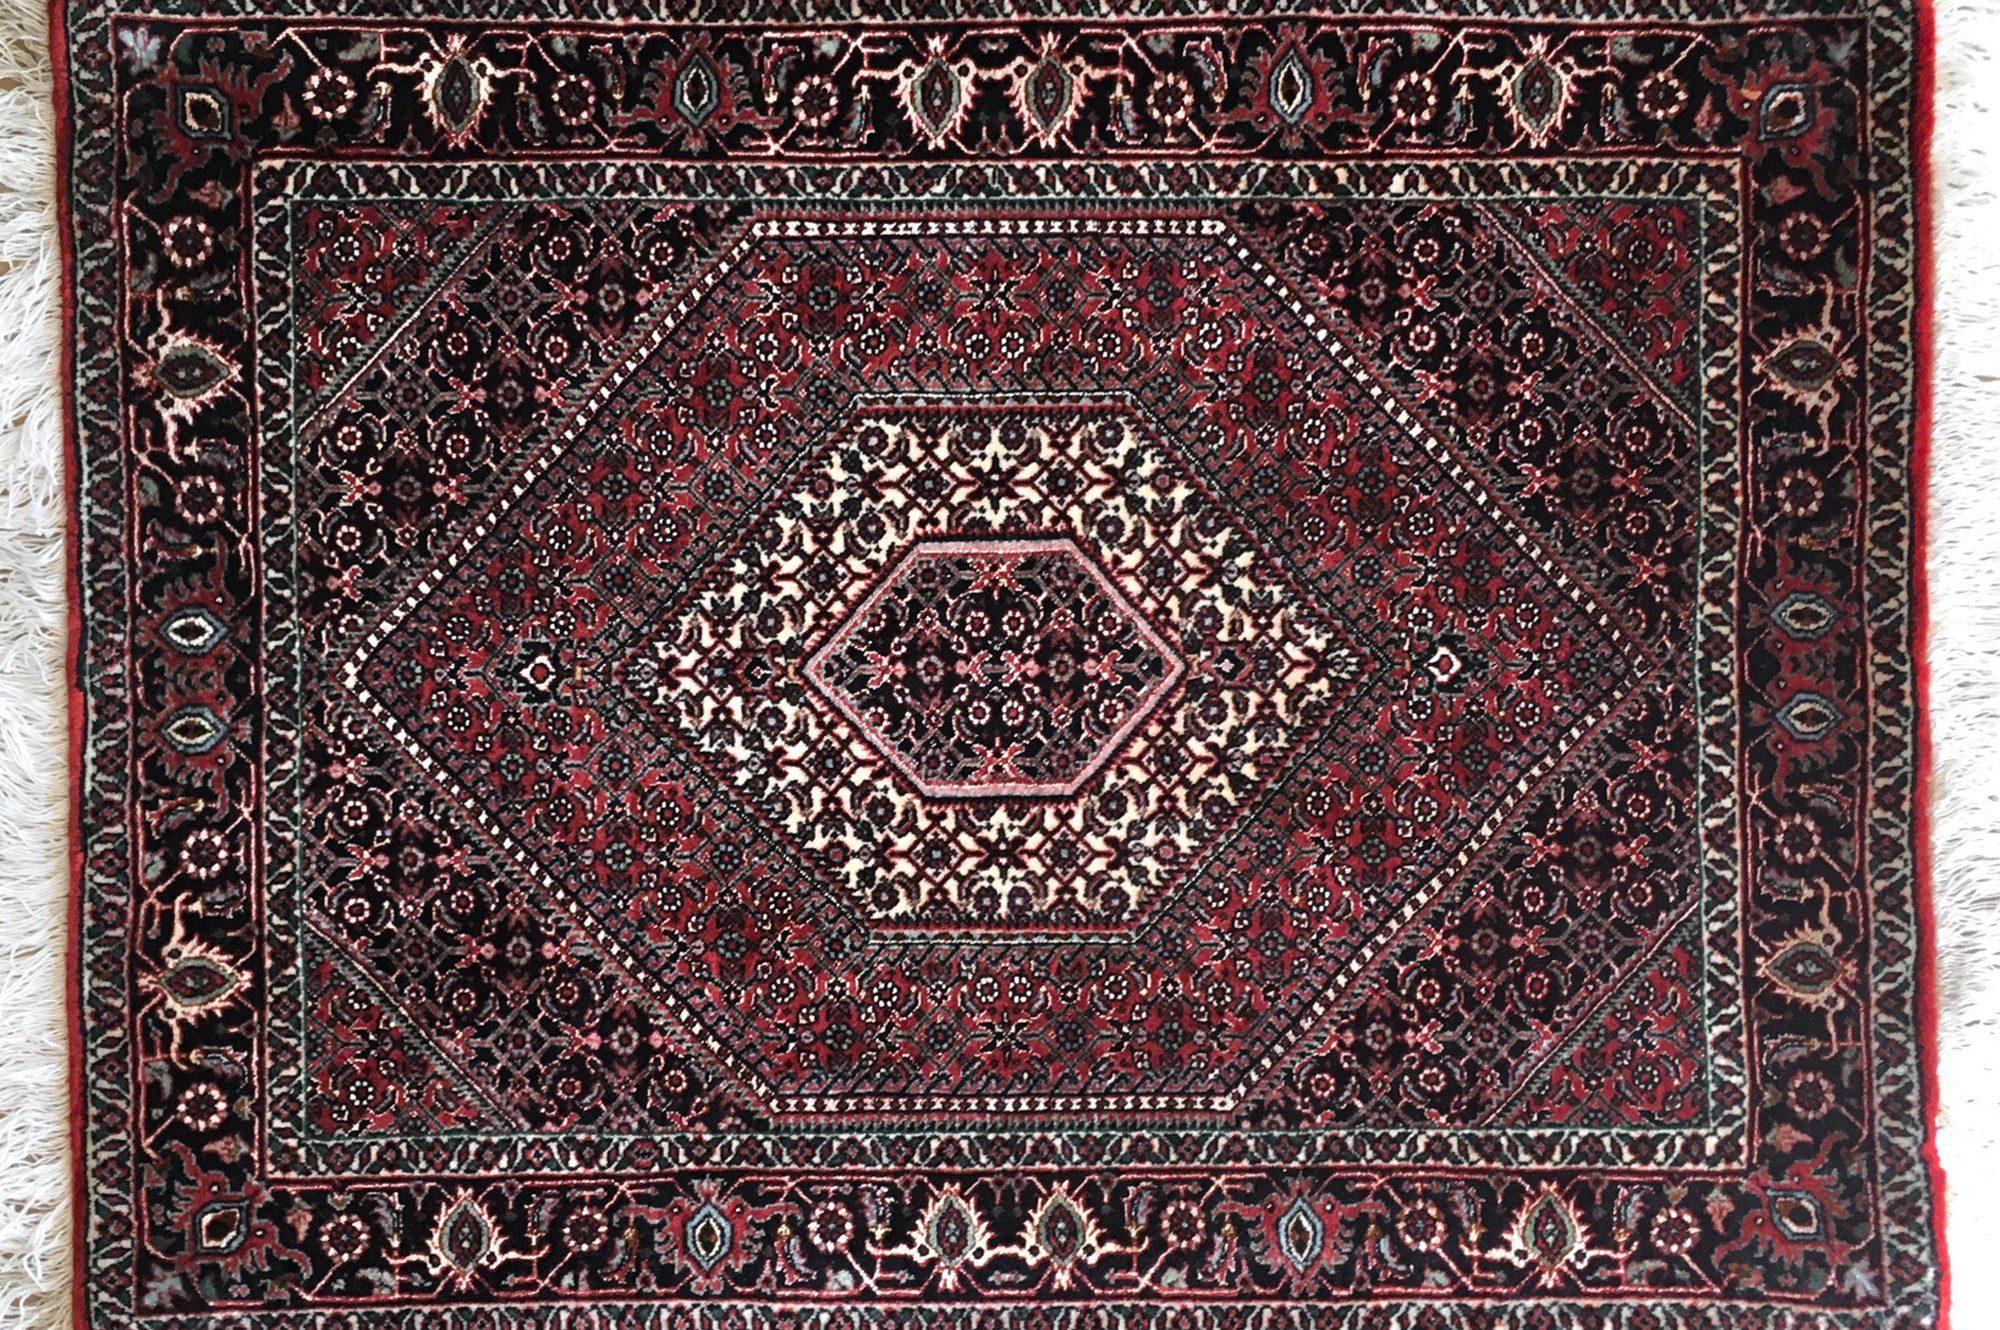 ビジャー産・ペルシャ絨毯